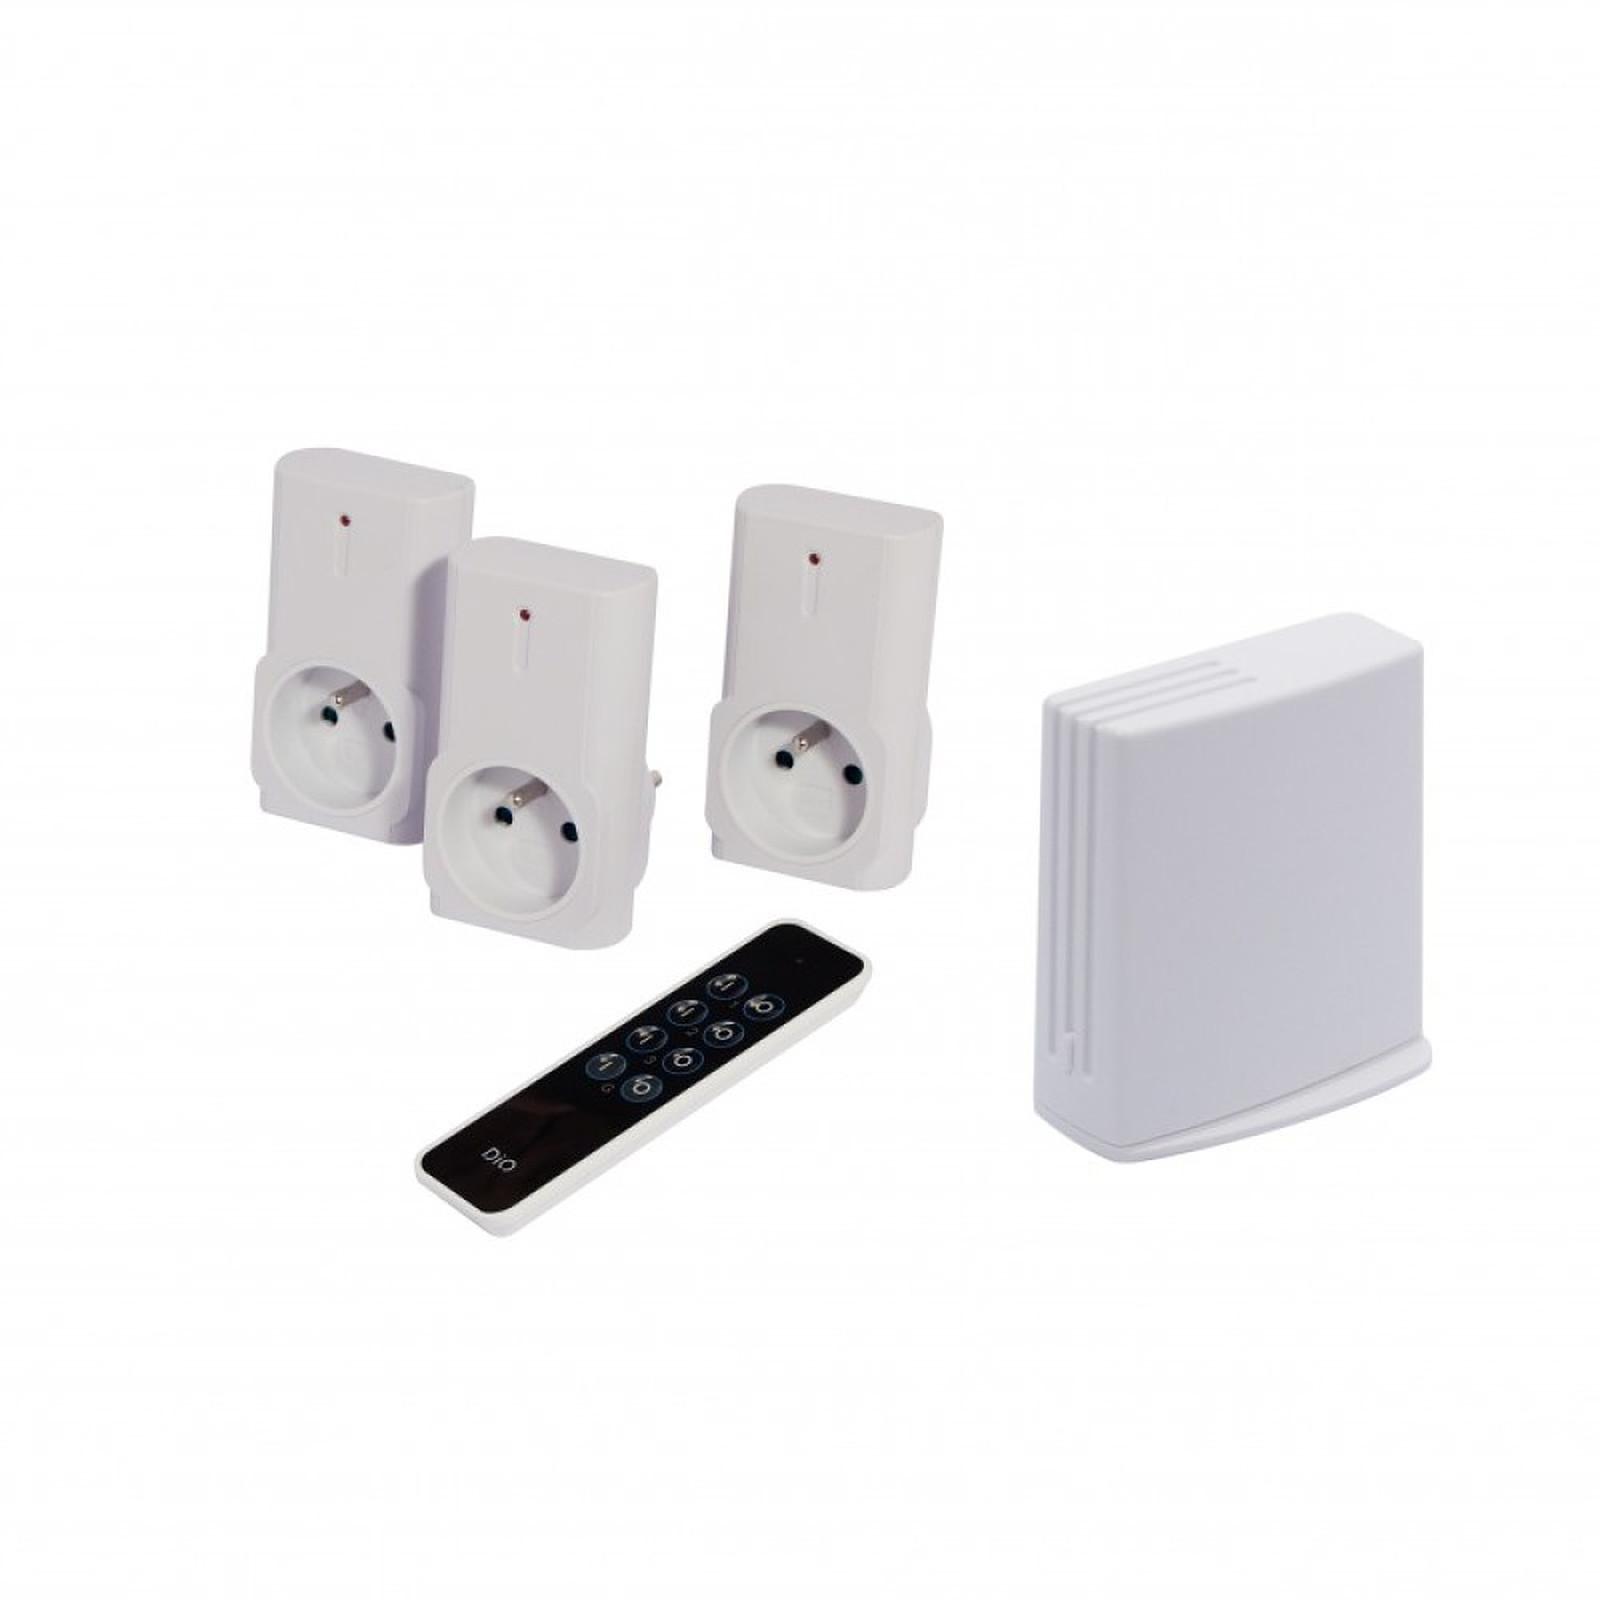 DiO Pack éclairage Connecté Litebox + 3 Prises + 1 Télécommande CH54580